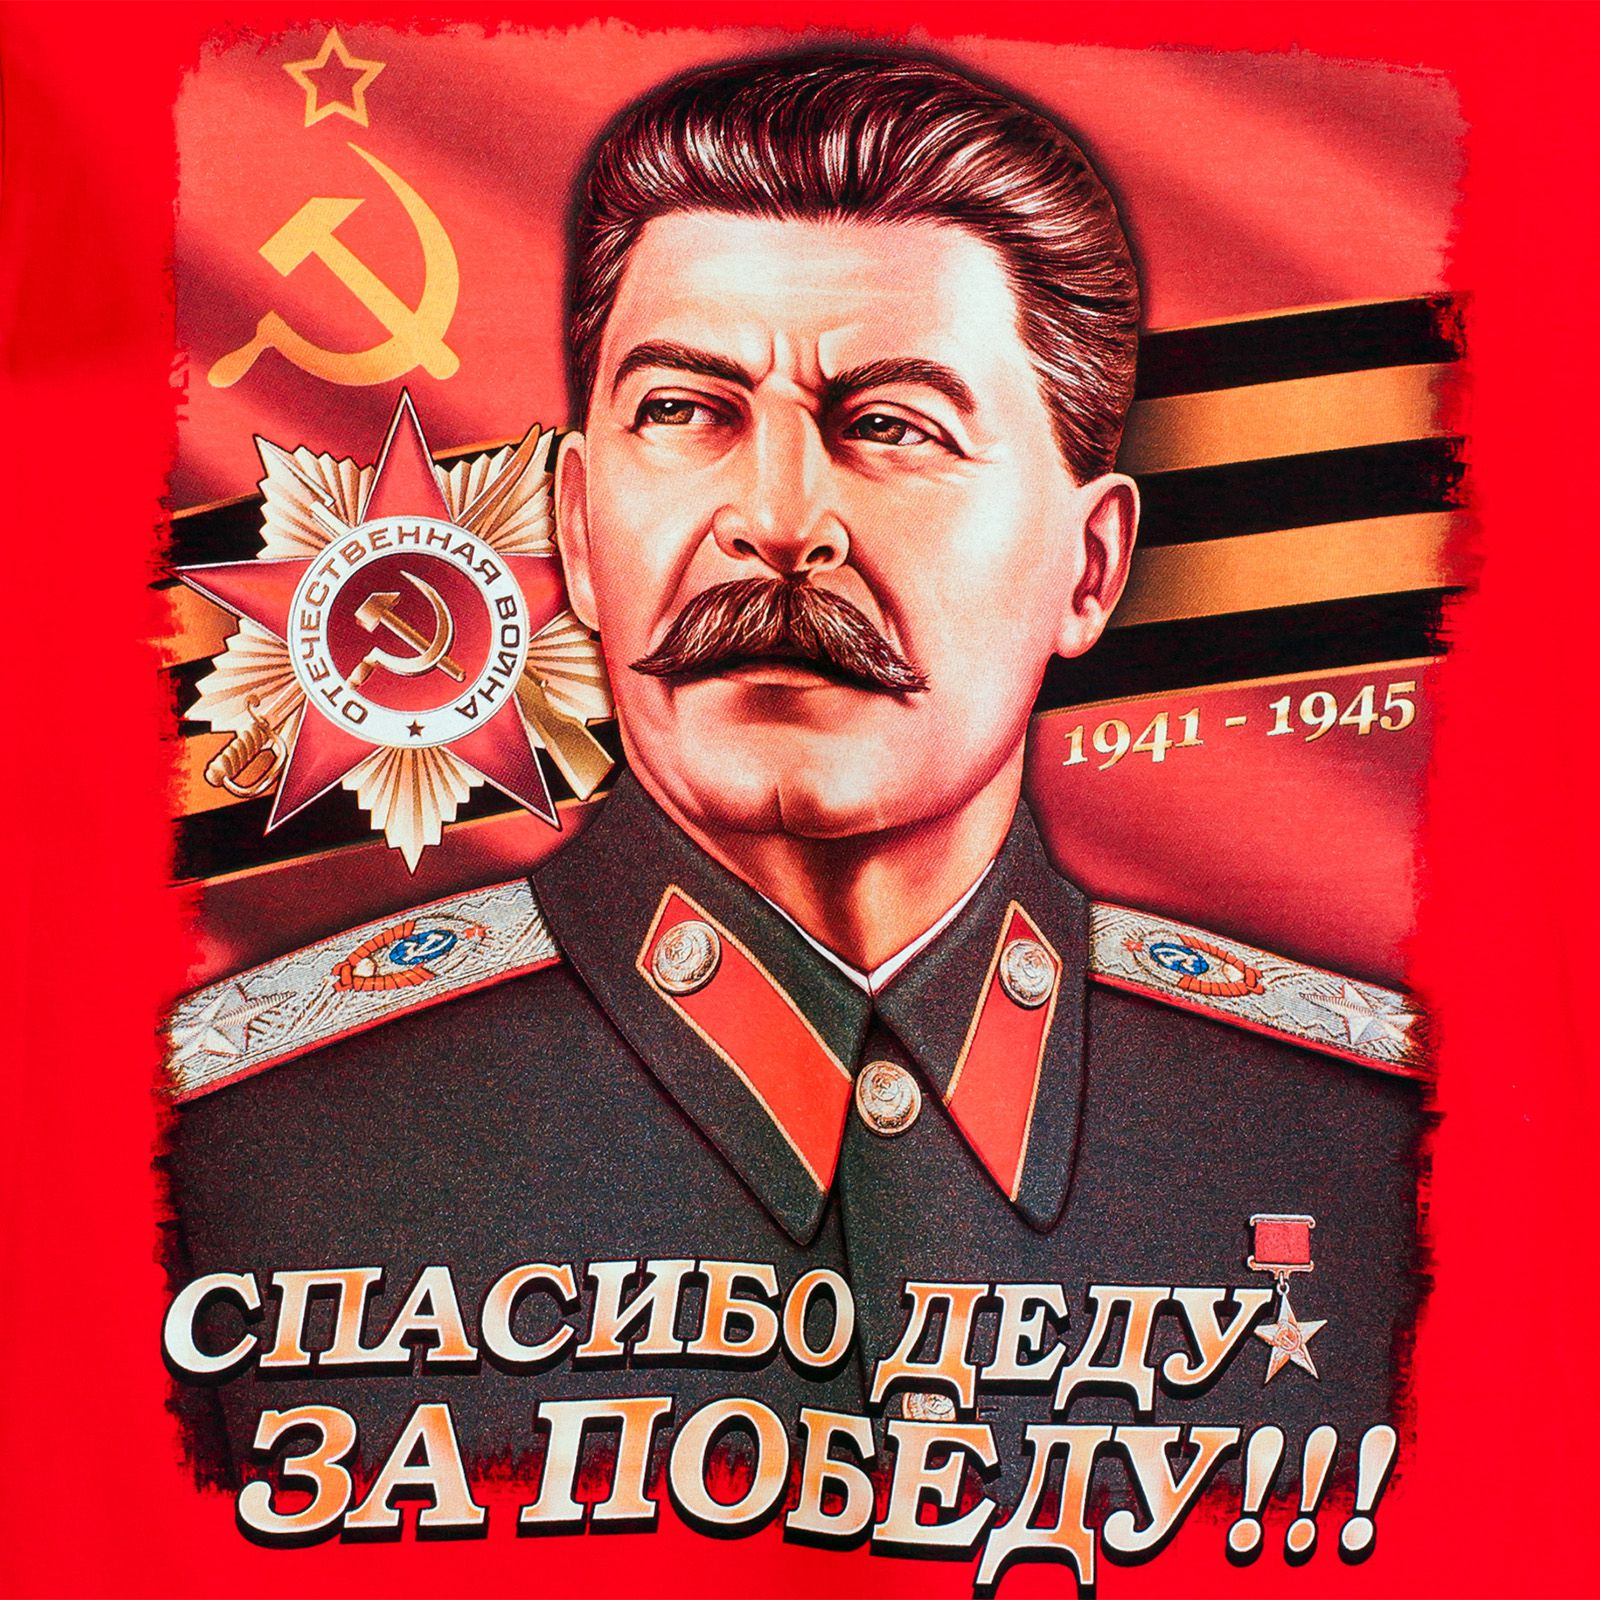 Футболка со Сталиным - принт от Военпро